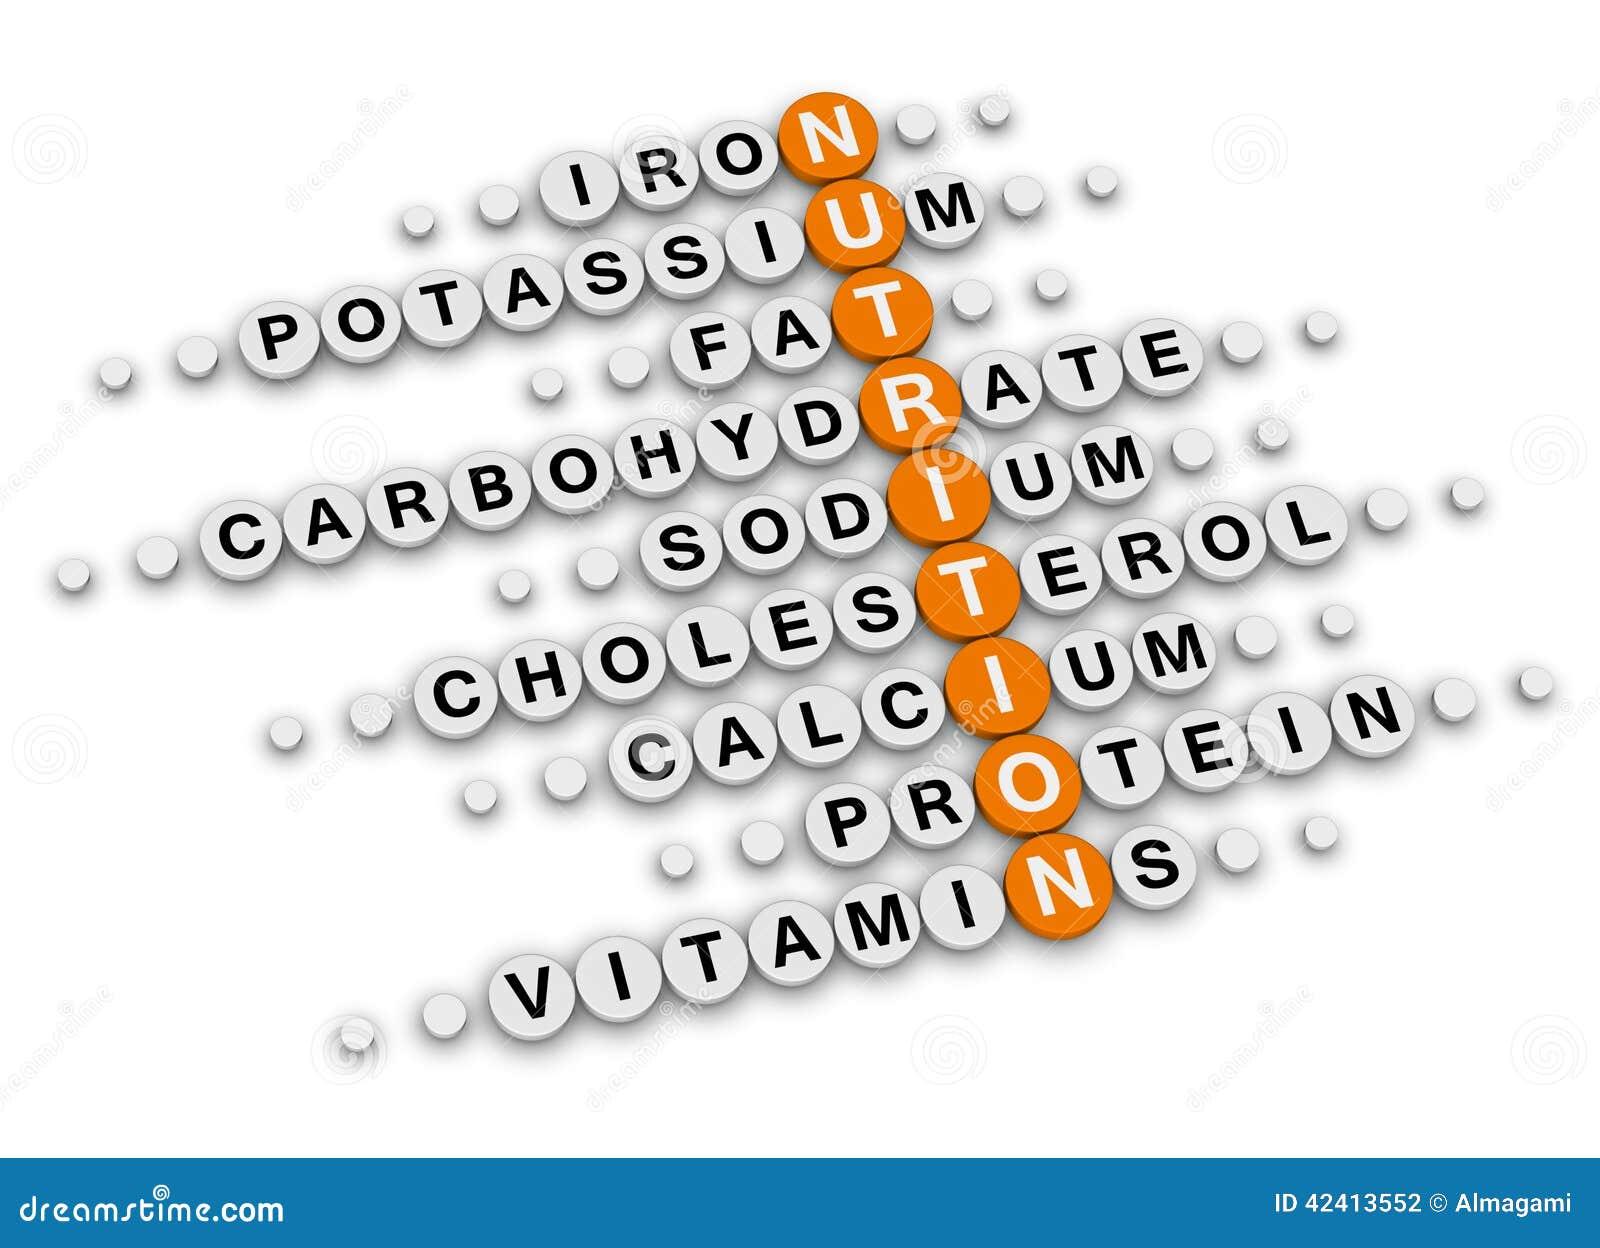 Mots croisé de faits de nutrition